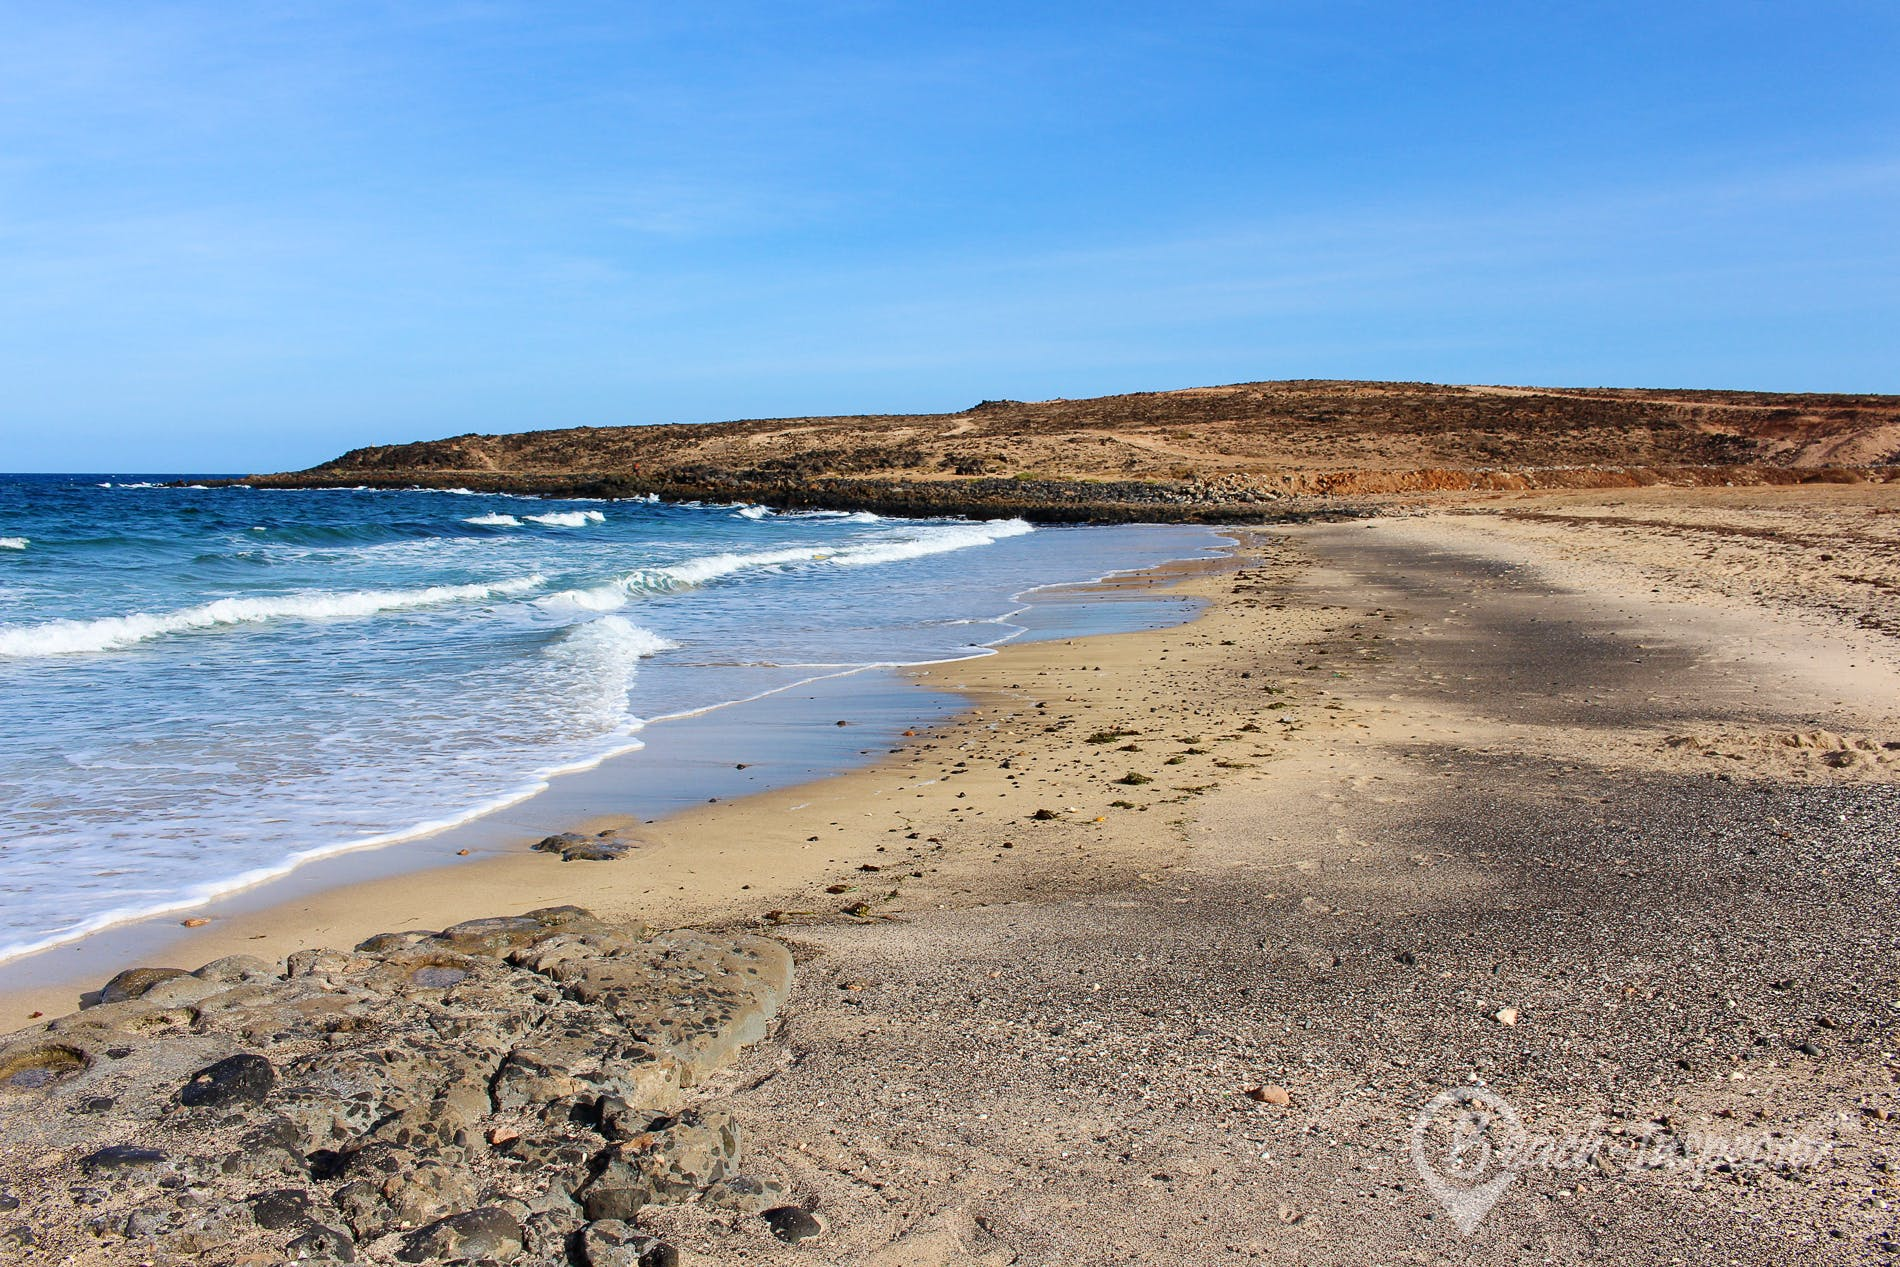 Beach Playa de las Caletillas, Fuerteventura, Spain